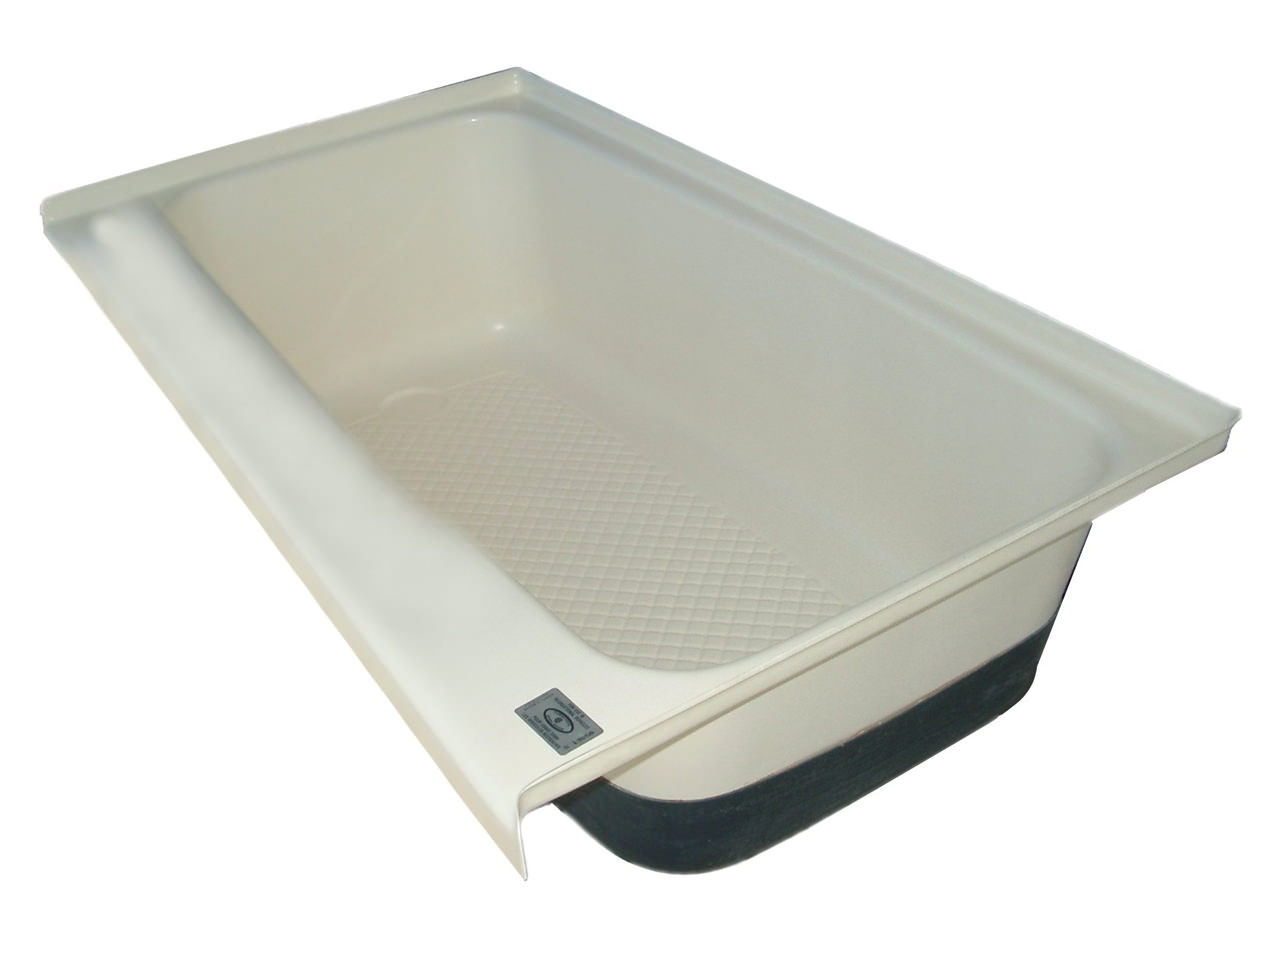 RV Bath Tub Left Hand Drain TU700LH - Polar White - Icon ...